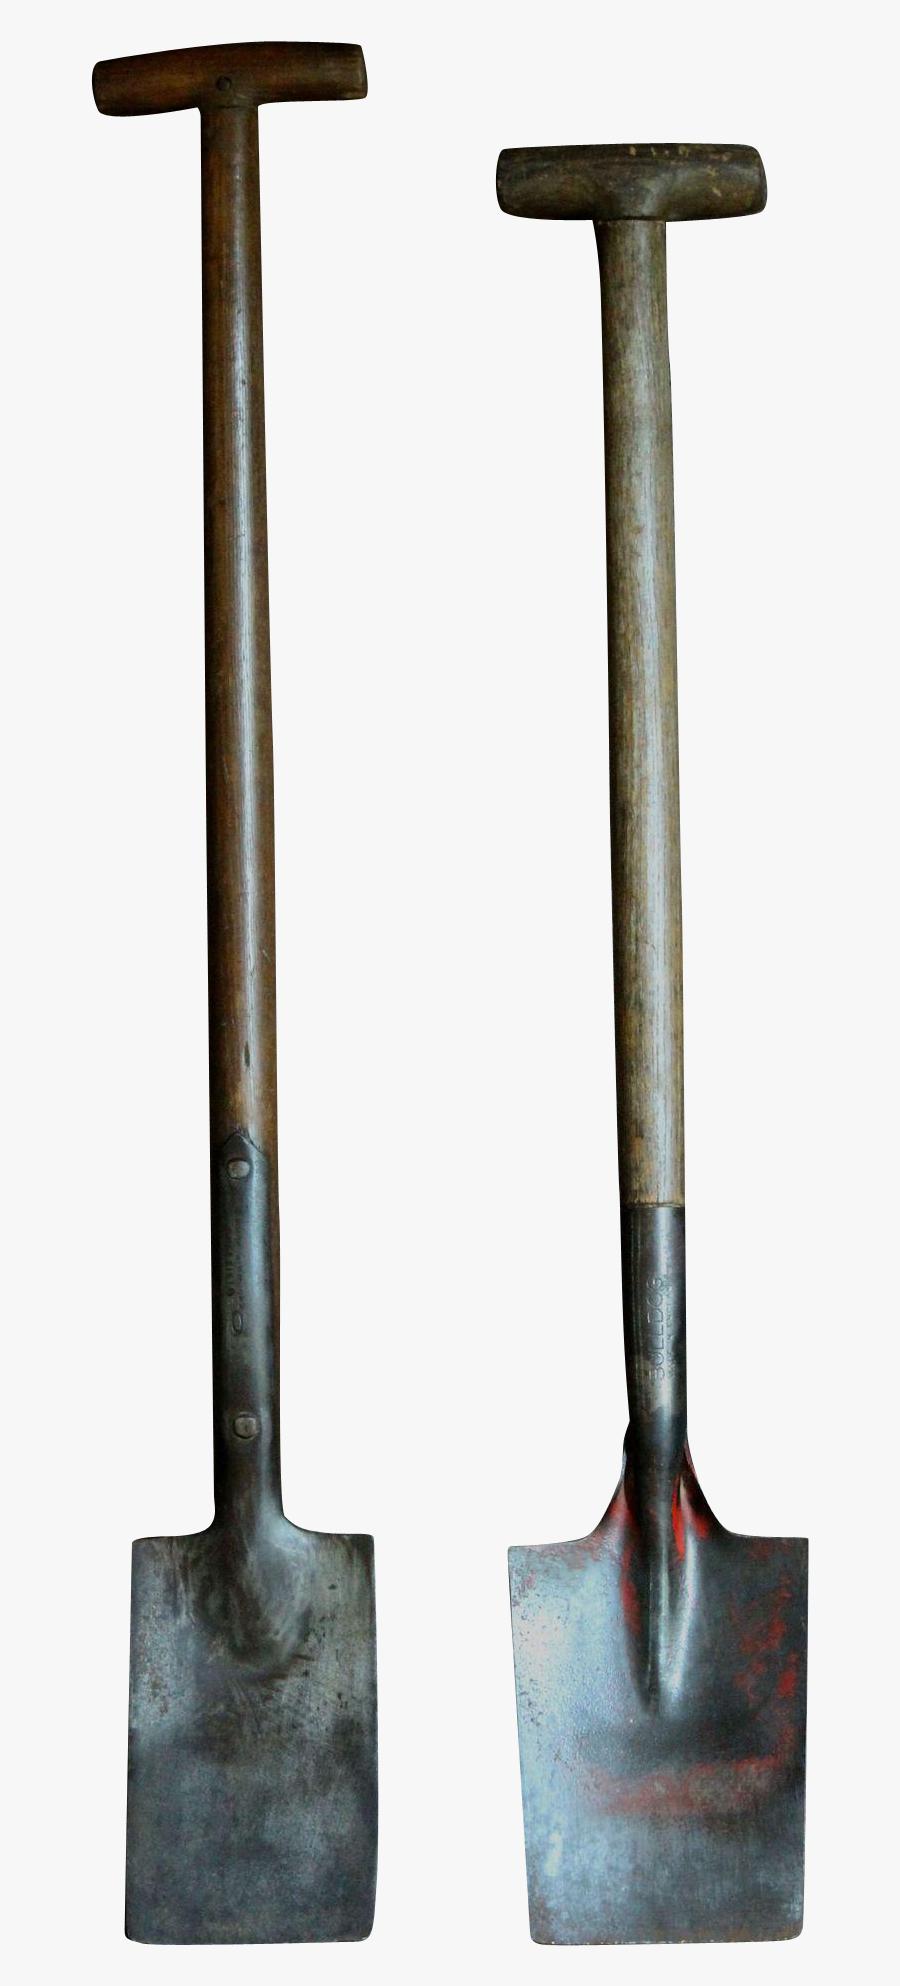 Garden Spade Png - Spade, Transparent Clipart